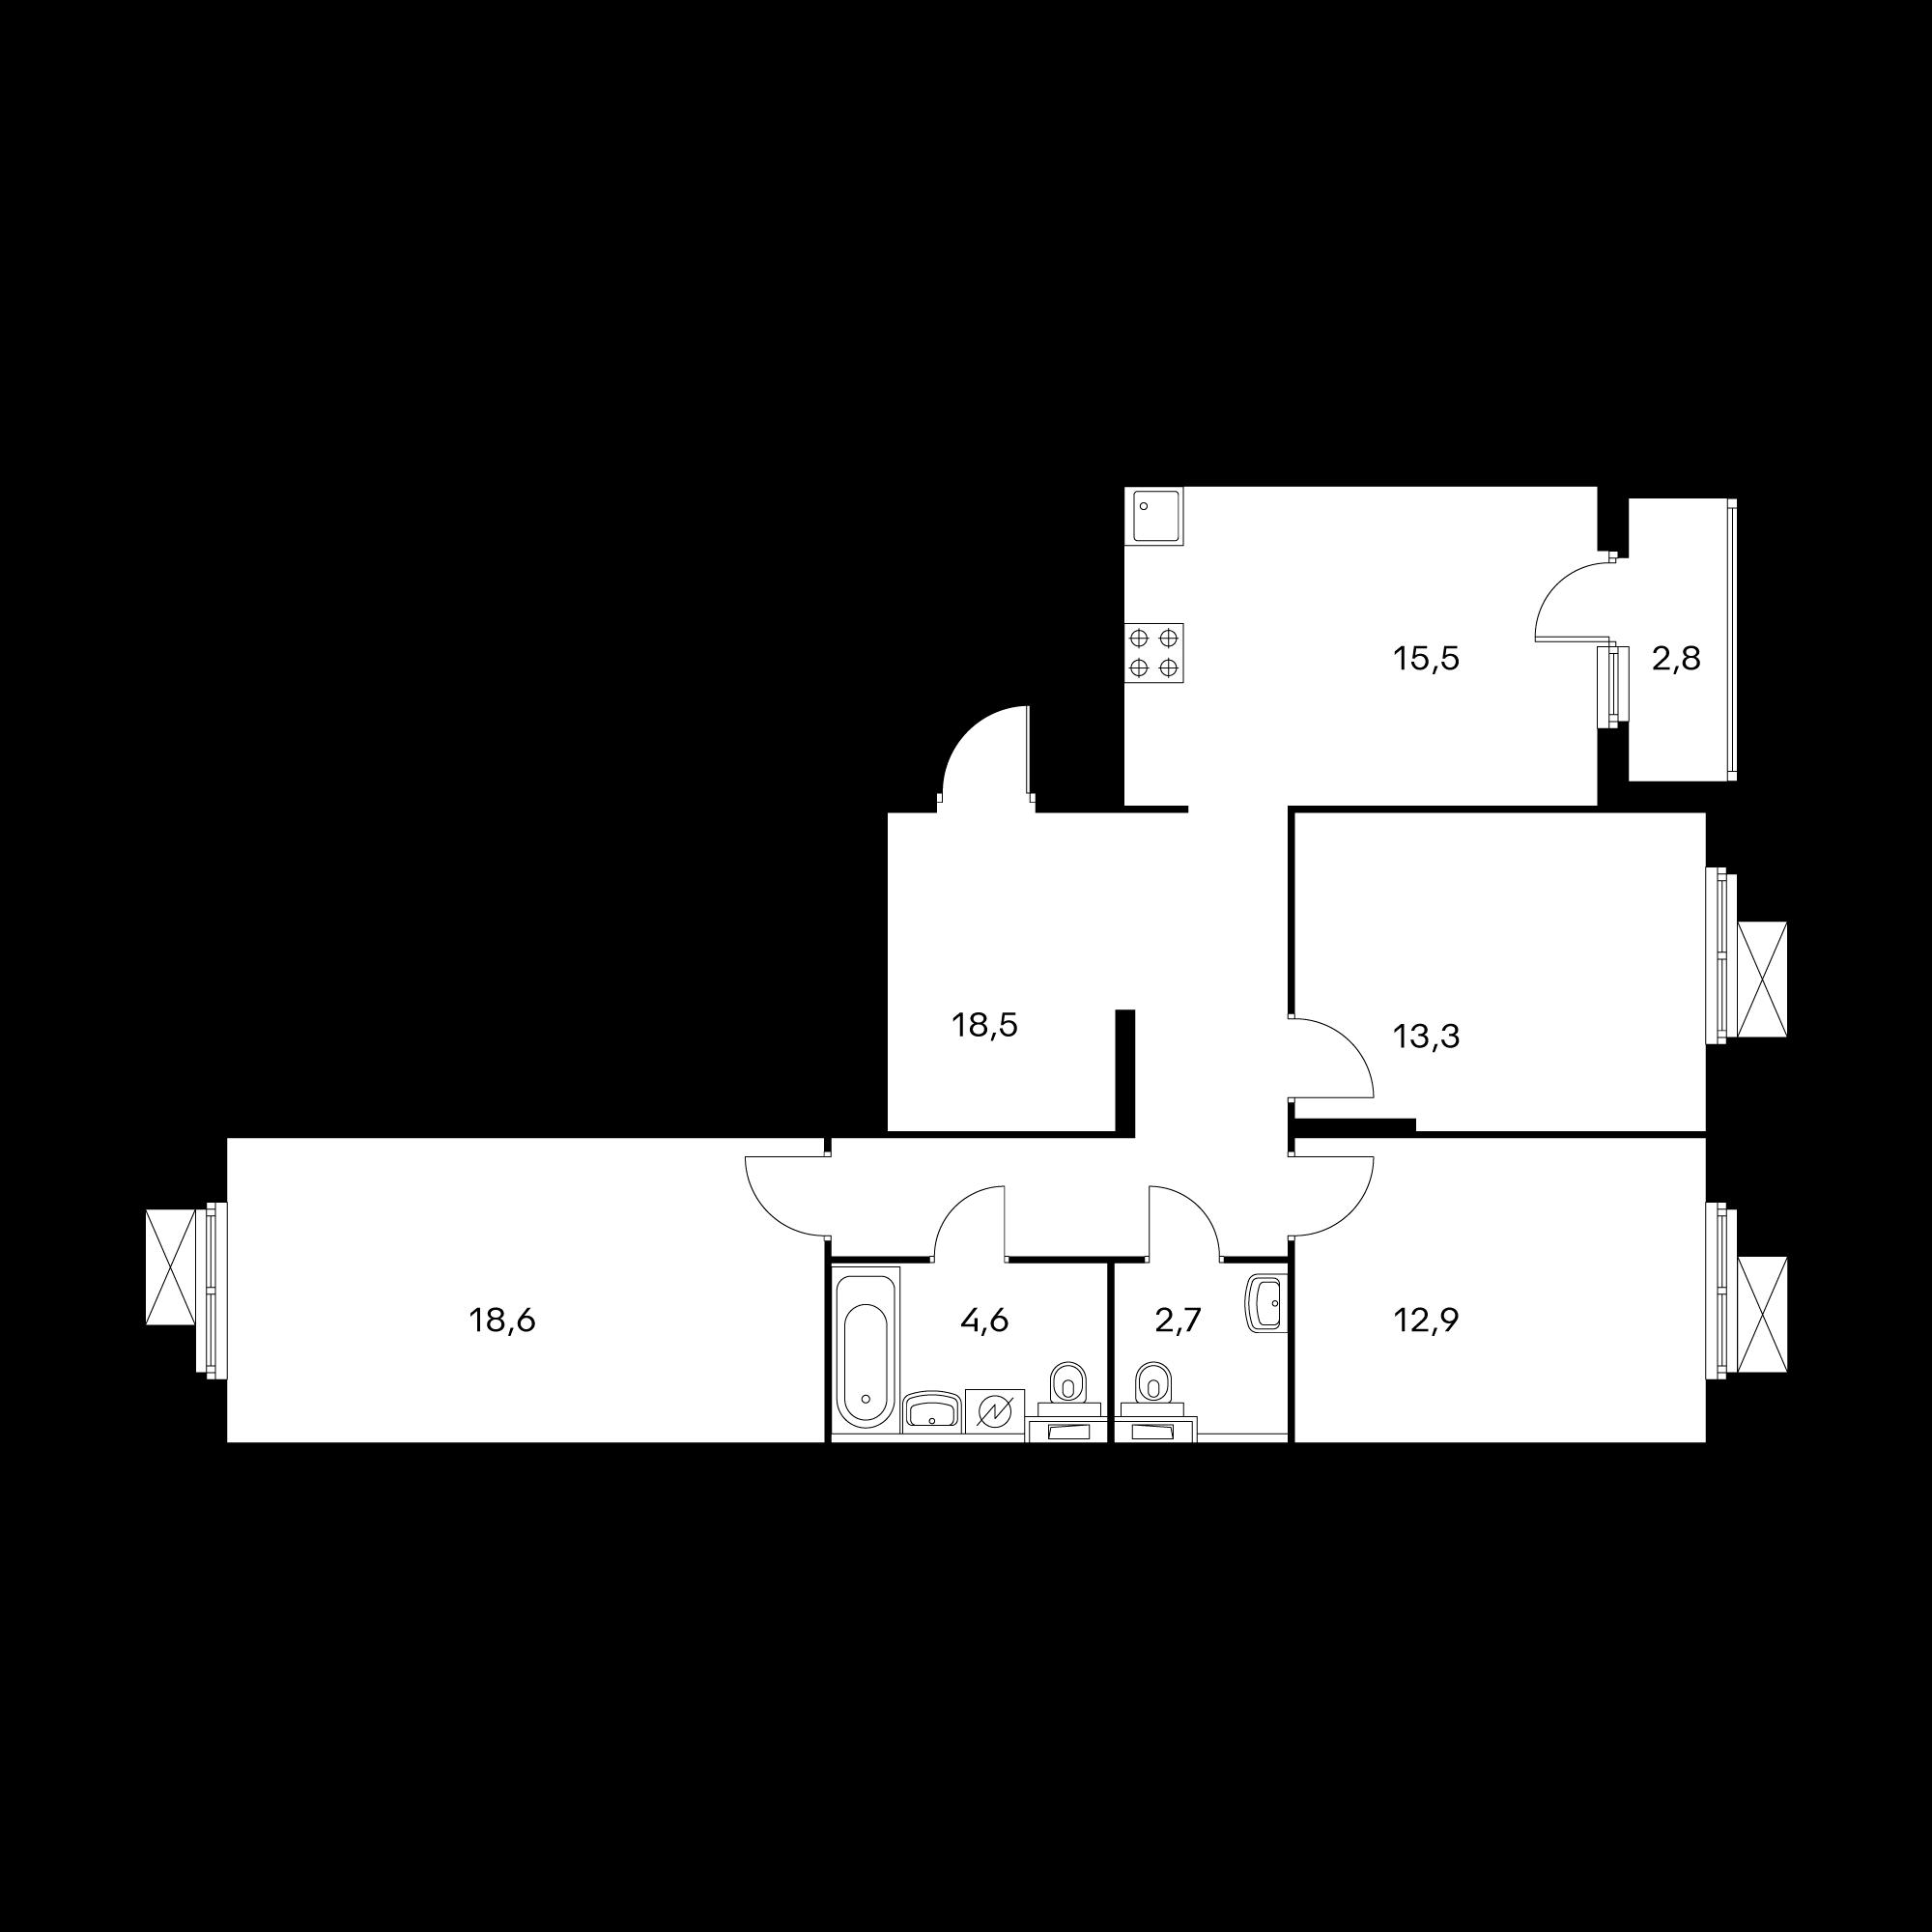 3EL3_9.9-1_S_ZL